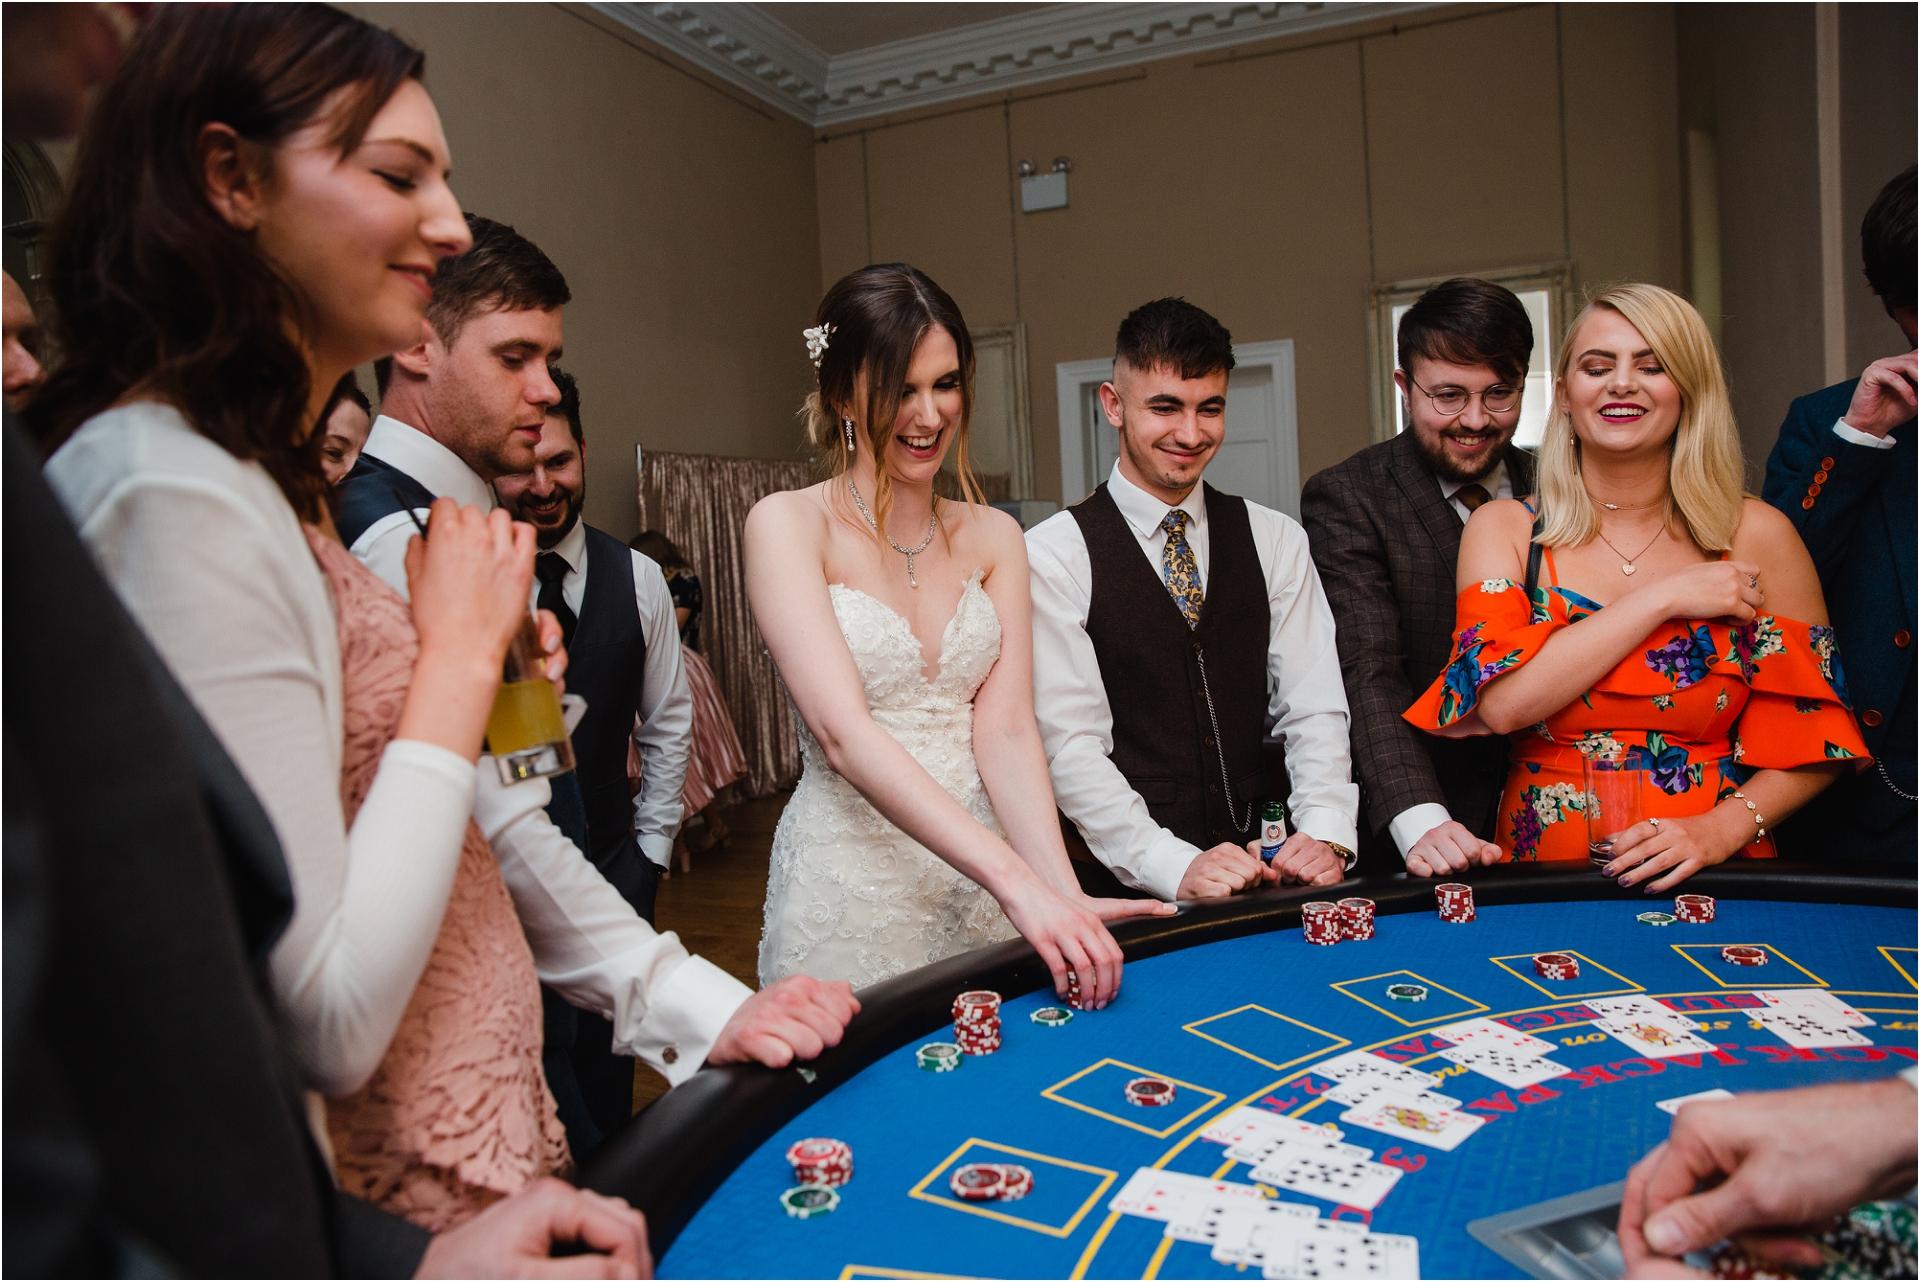 Wedding night casino